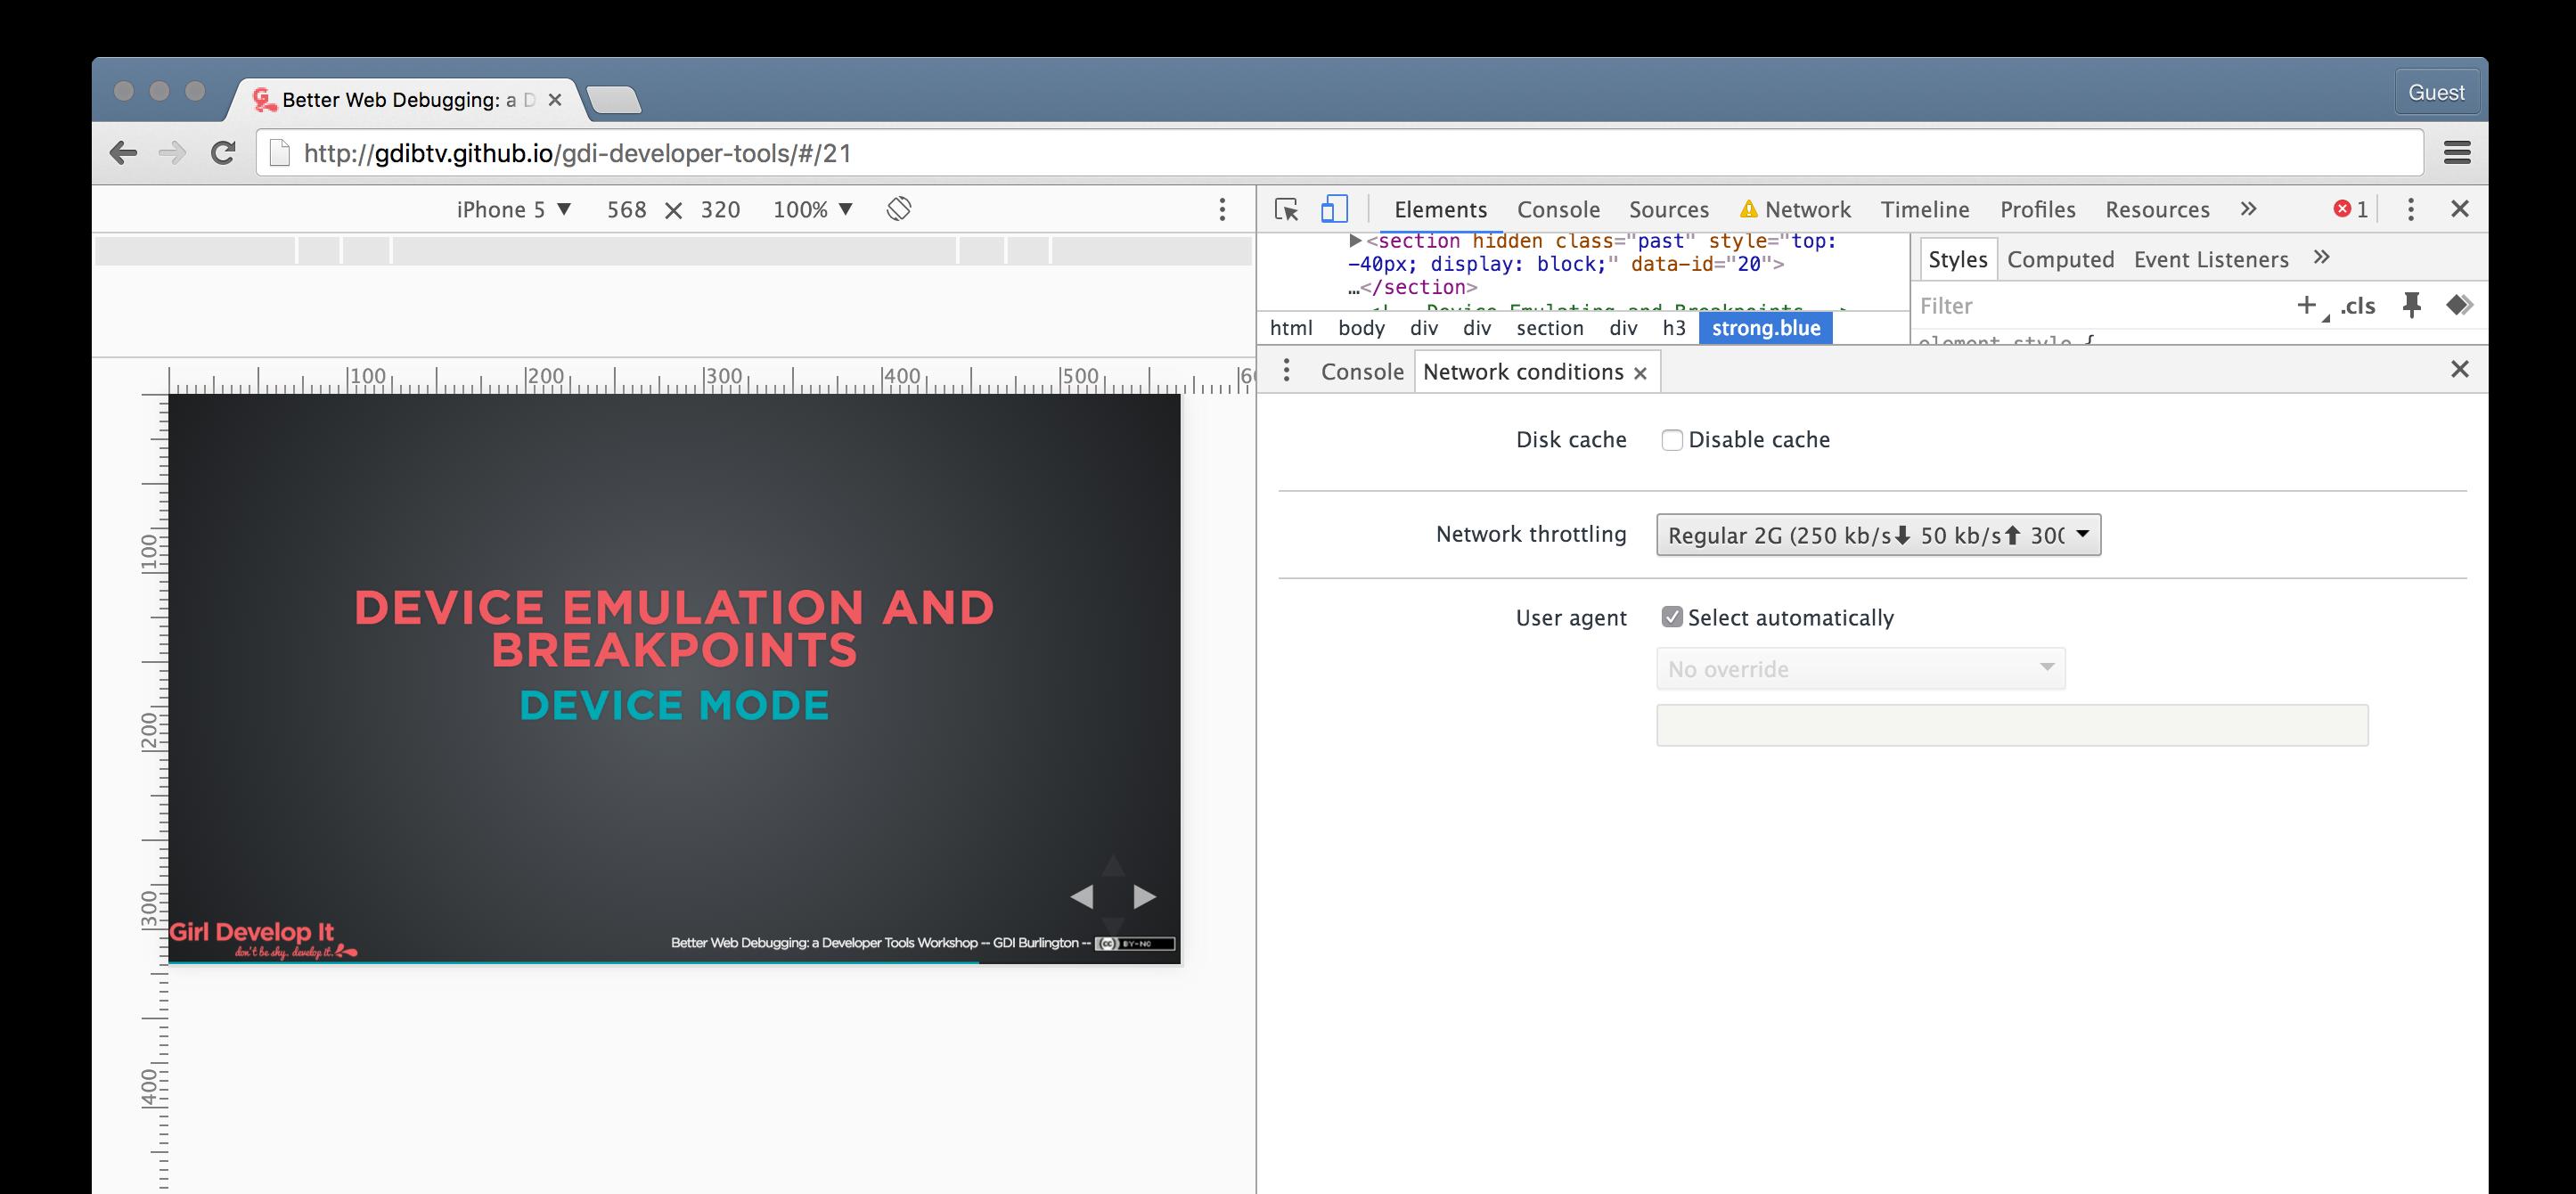 Better Web Debugging: a Developer Tools Workshop